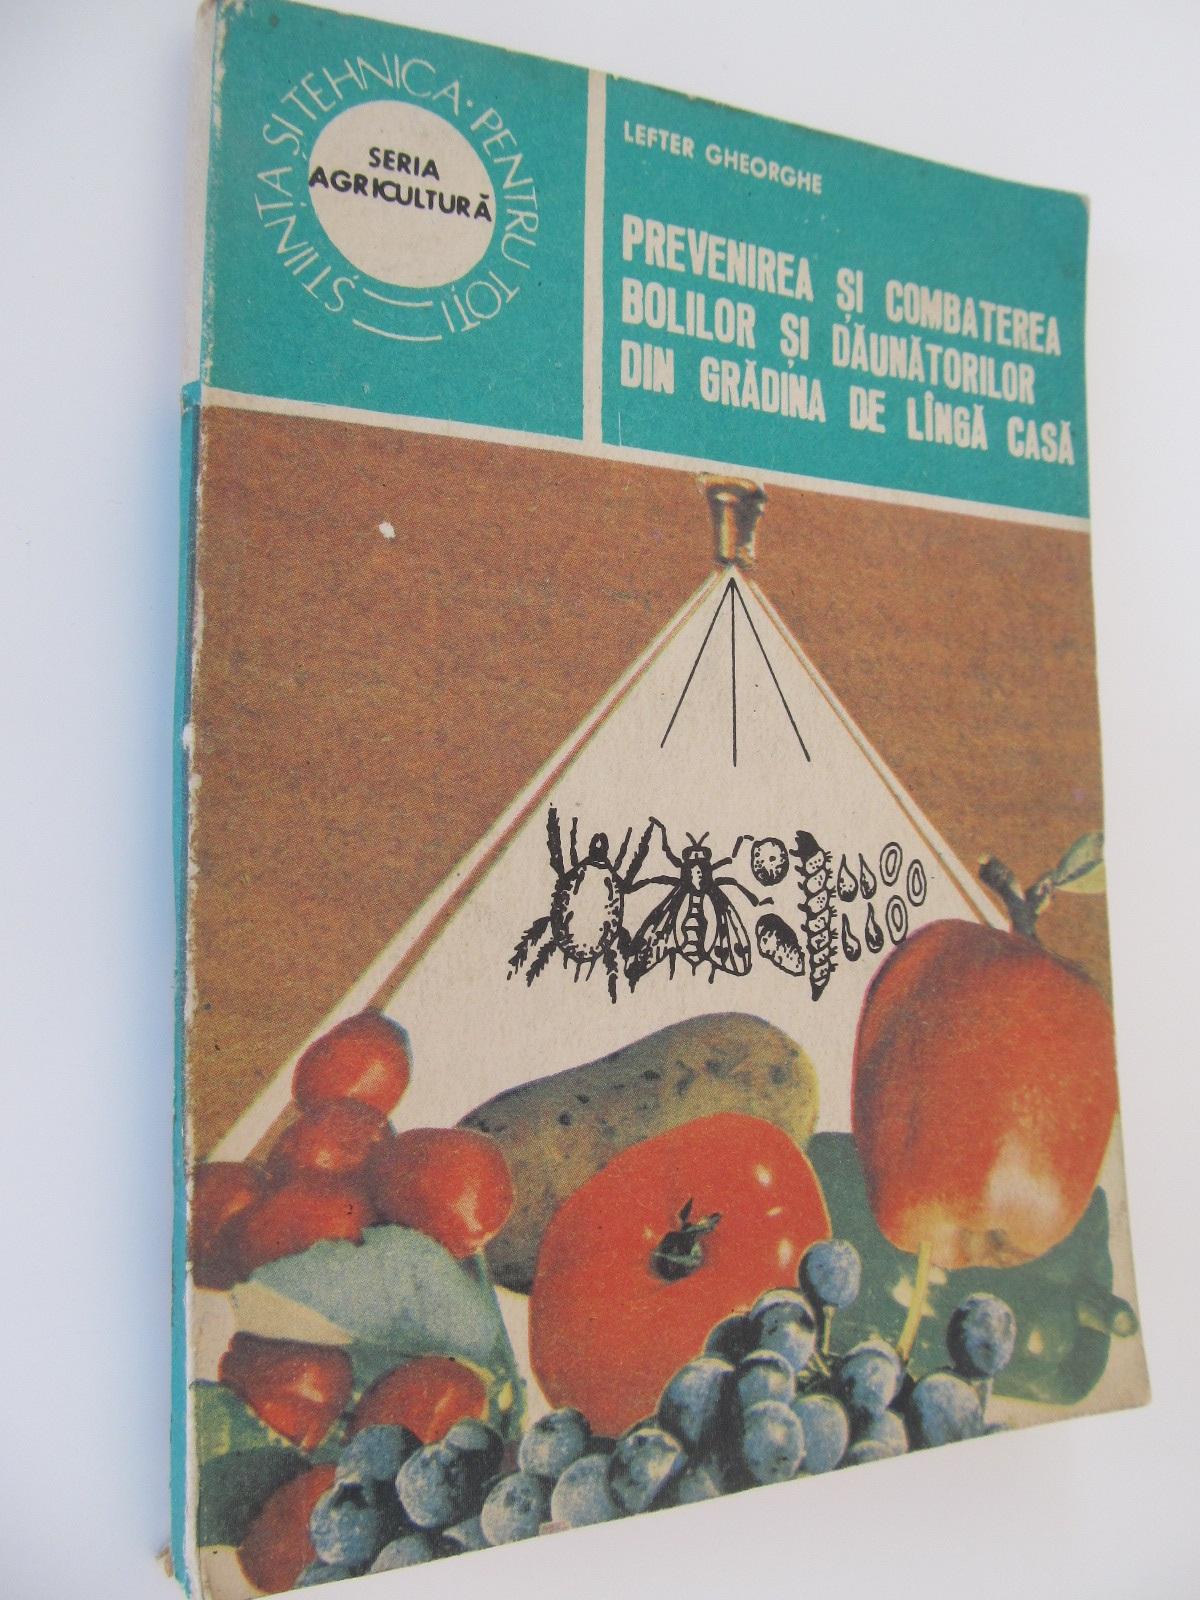 Prevenirea si combaterea bolilor si daunatorilor din gradina de langa casa - Lefter Gheorghe | Detalii carte